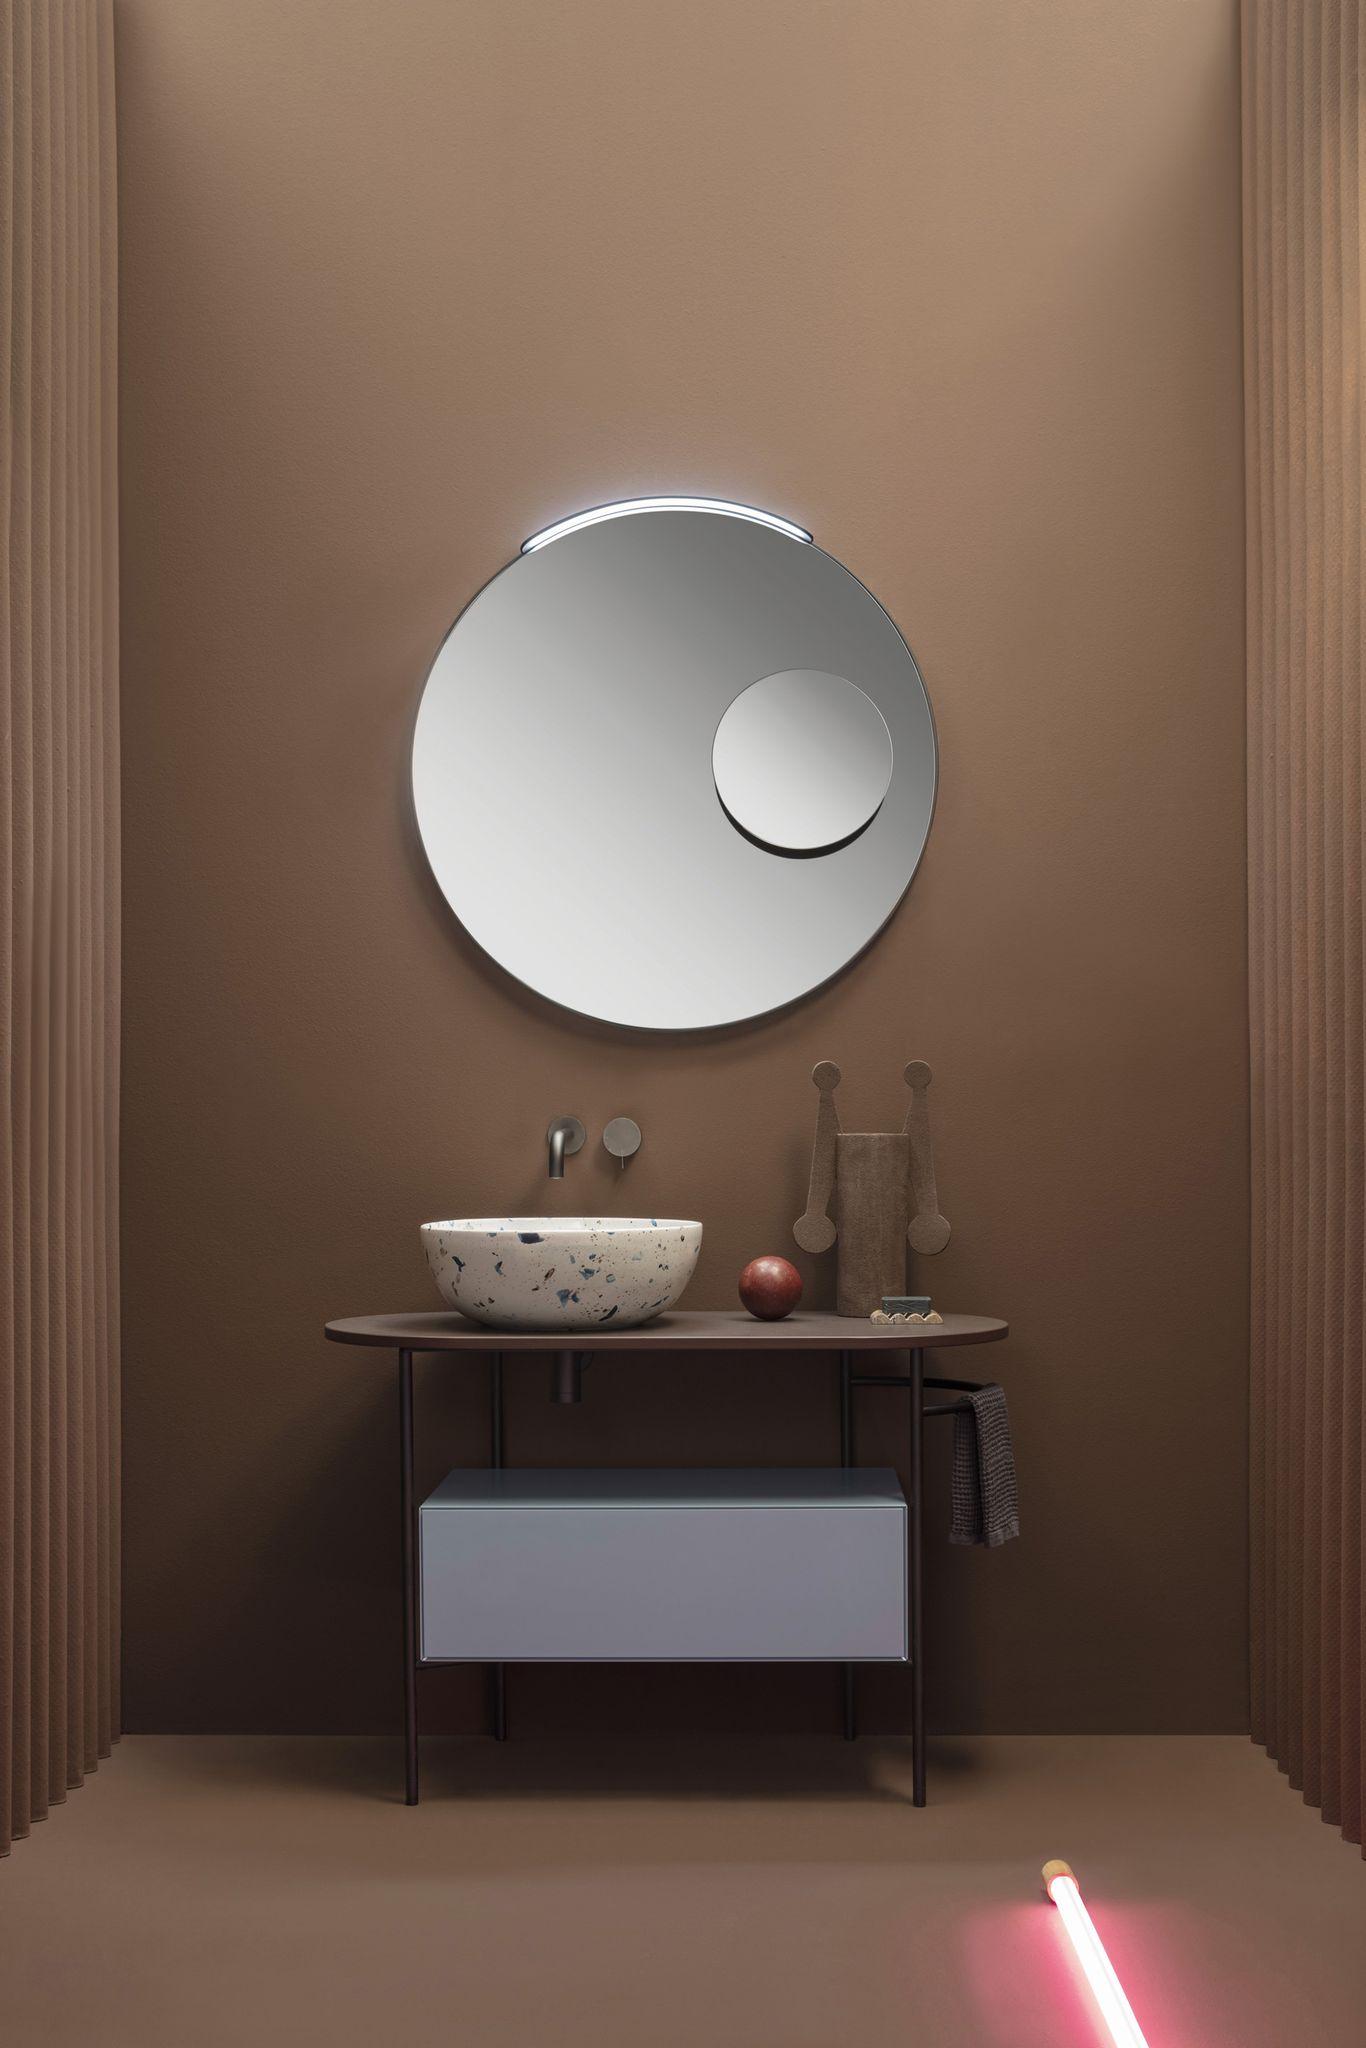 Credo centar ima savjete kako urediti malu kupaonu